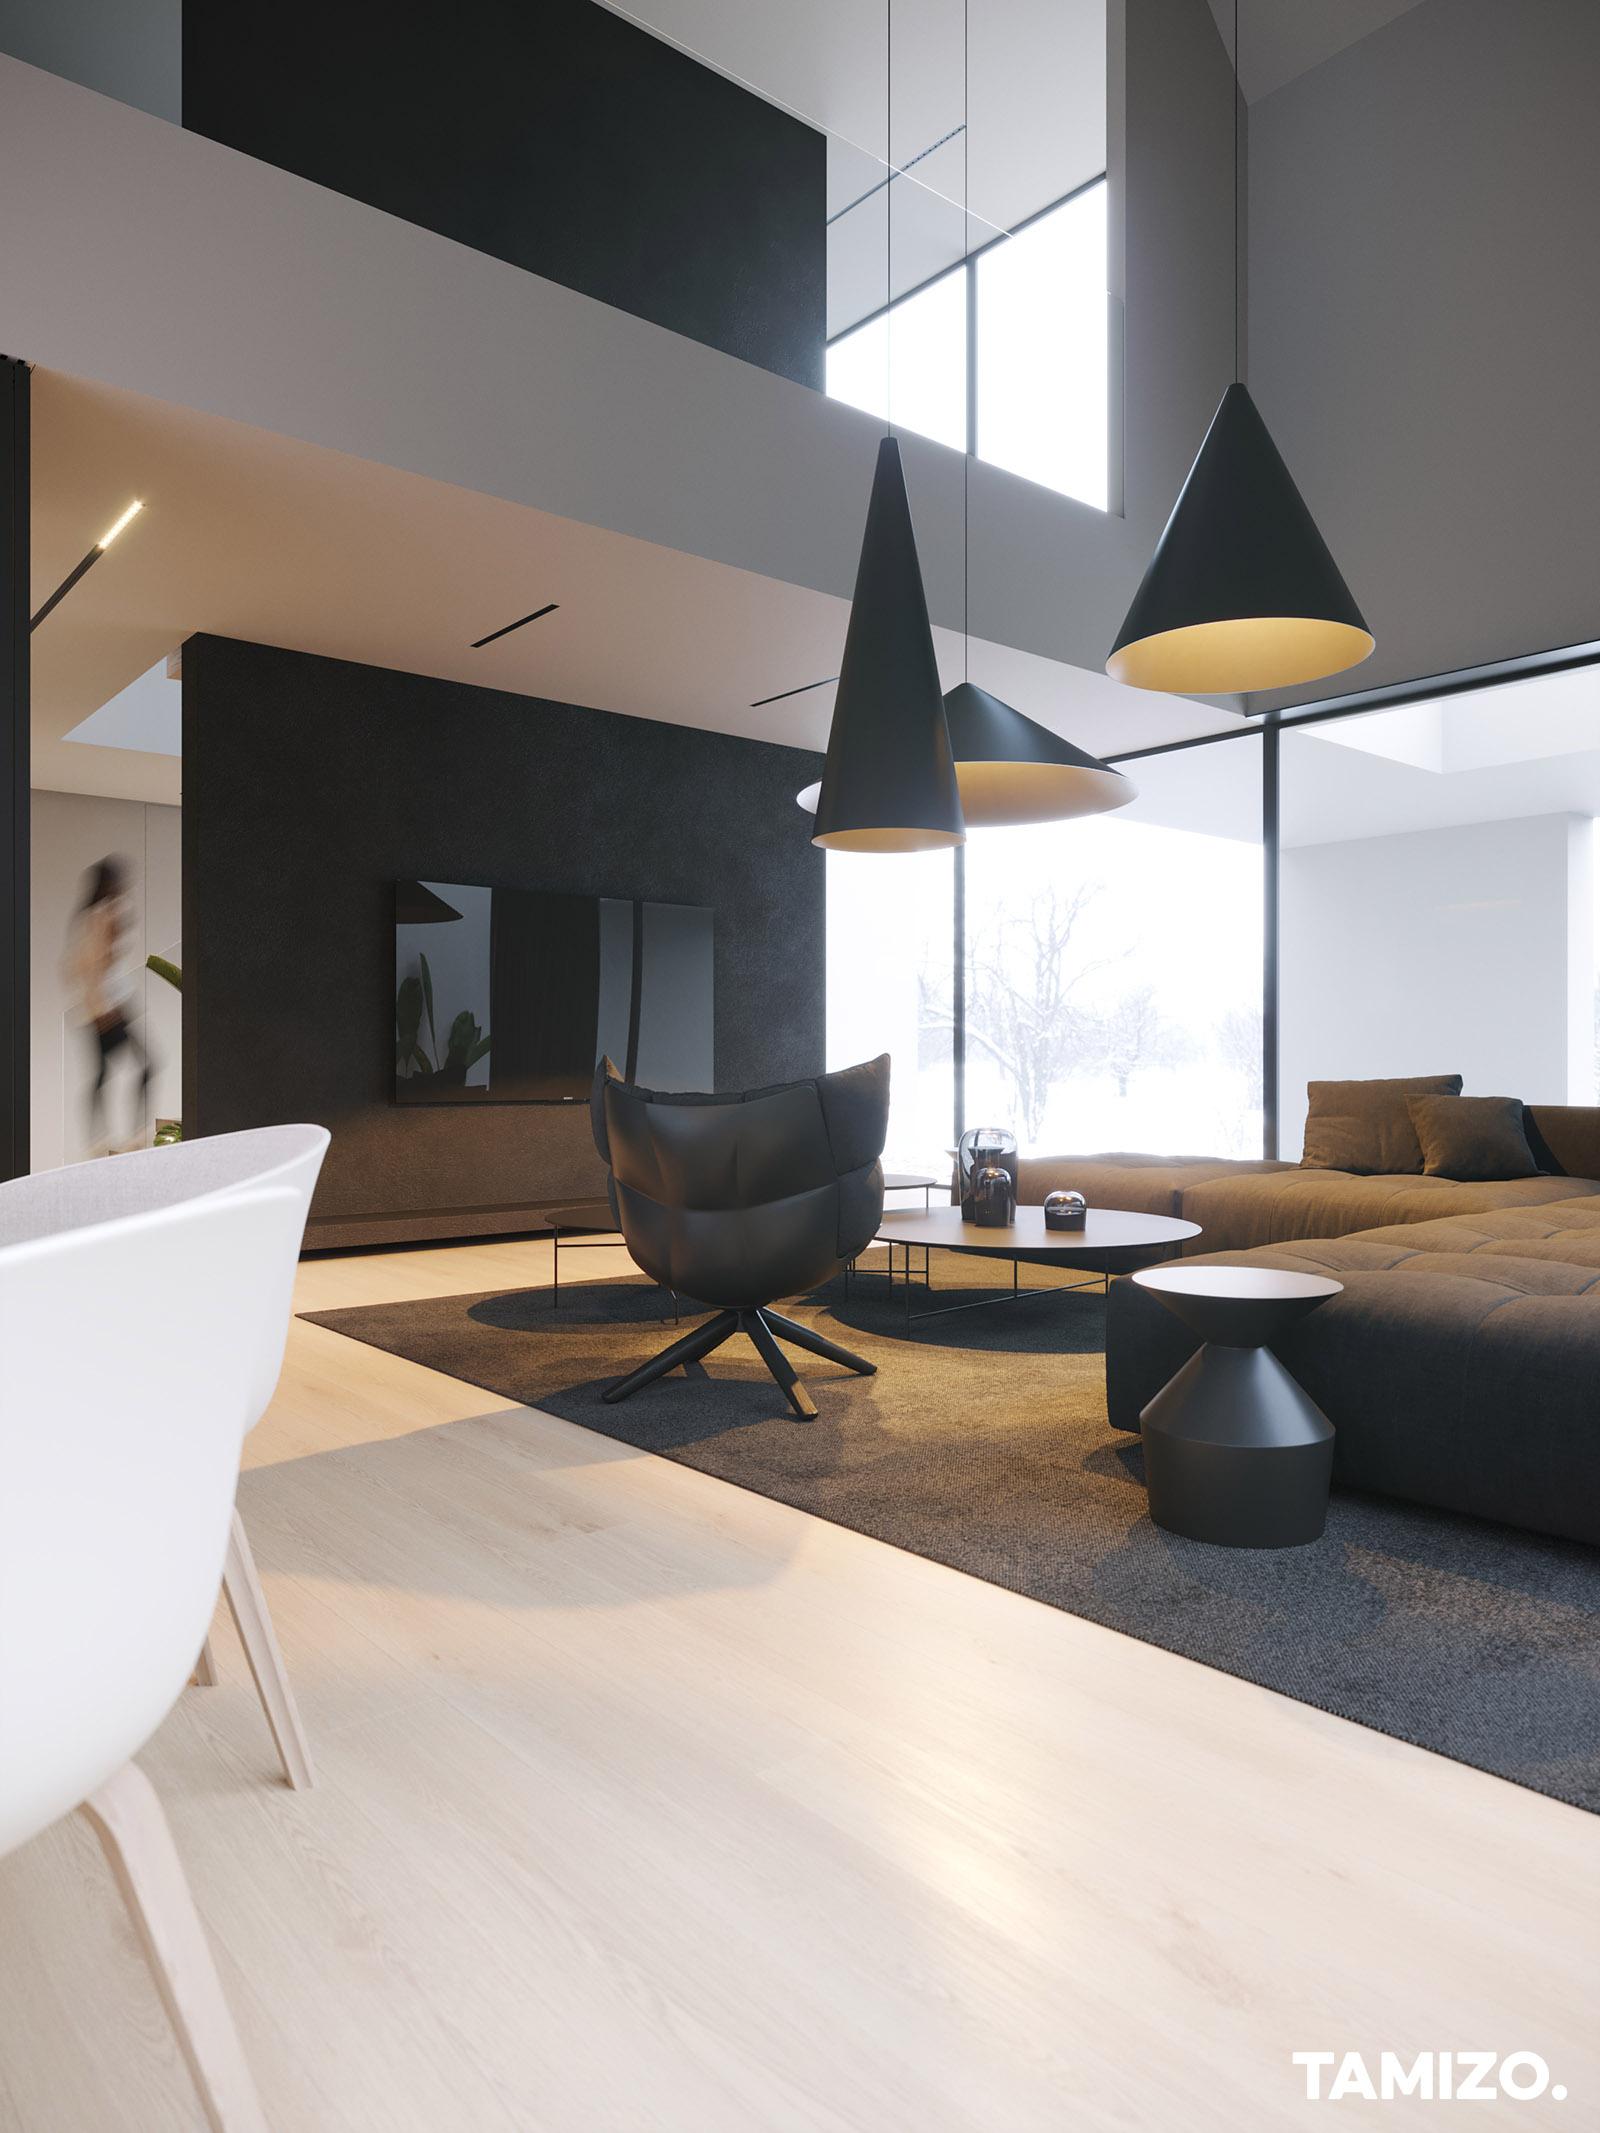 I089_tamizo_architects_projekt-wnetrz-interior-design-dom-minimal-house-gorzow-wielkopolski-11